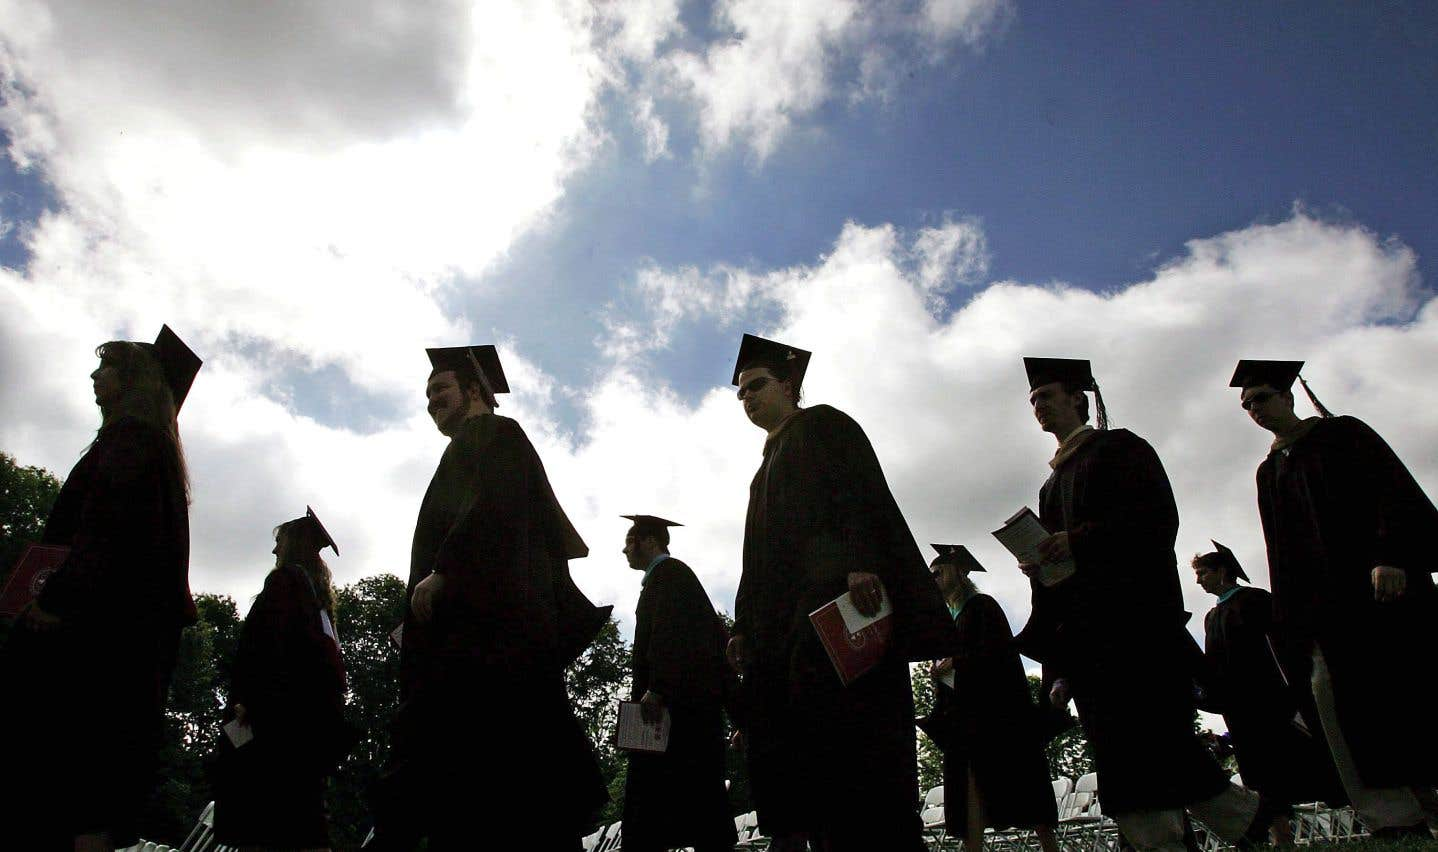 Lorsqu'on prend une méthode qui permet de comparer les comparables, on voit que la proportion des diplômés universitaires ne diffère pas.